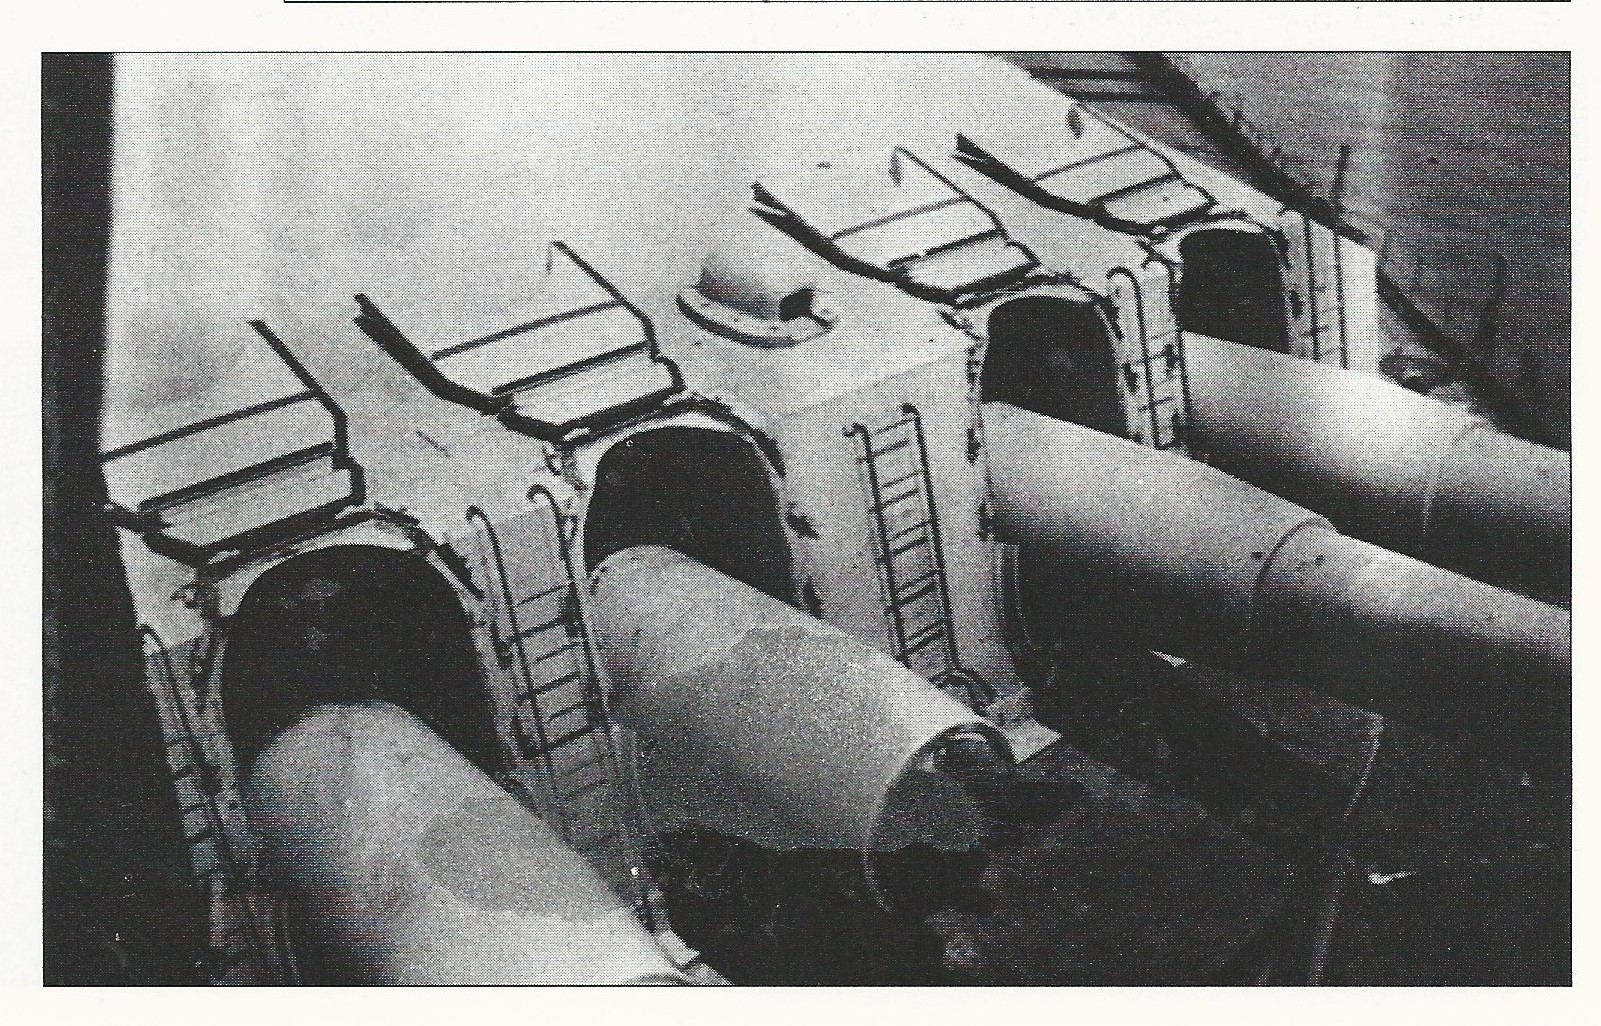 Cuirassé Richelieu 1/100 Vrsion 1943 sur plans Polonais et Sarnet + Dumas - Page 10 748886380